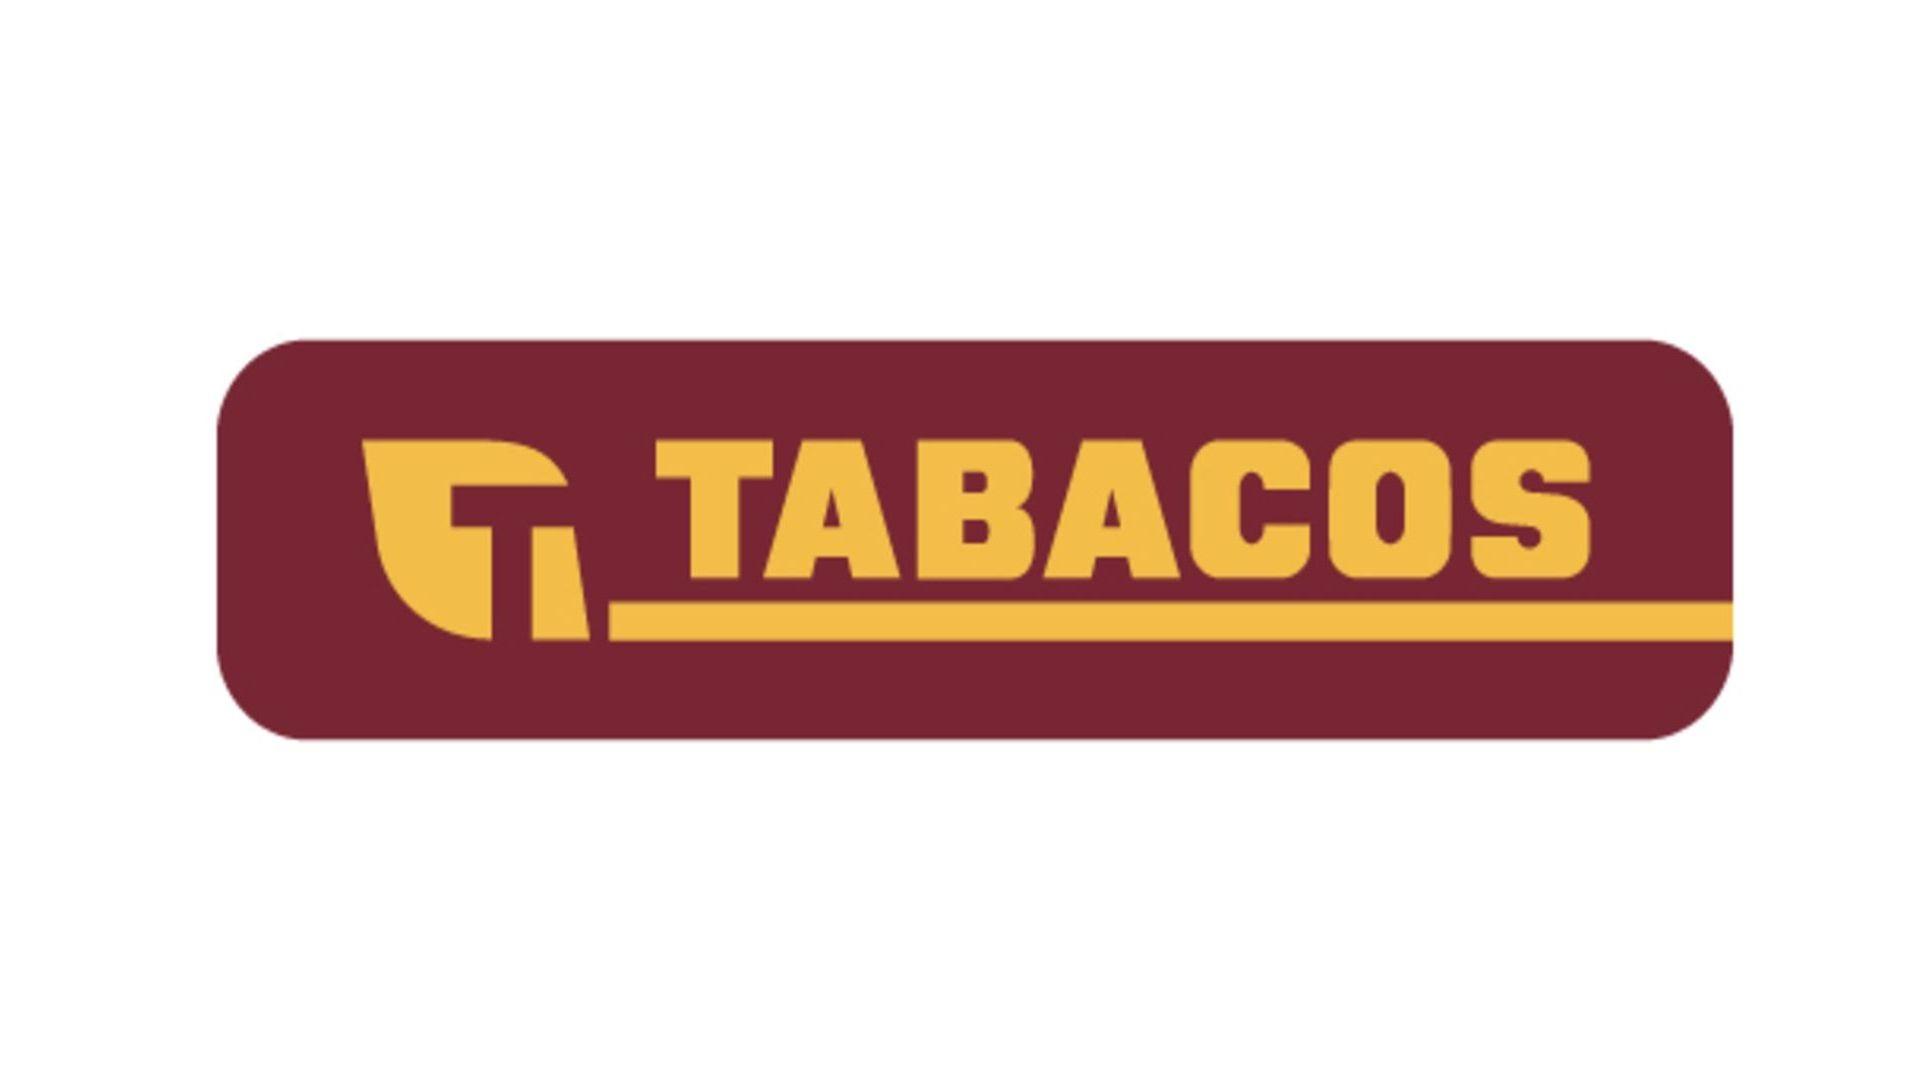 logo-vector-tabacos-rotulo